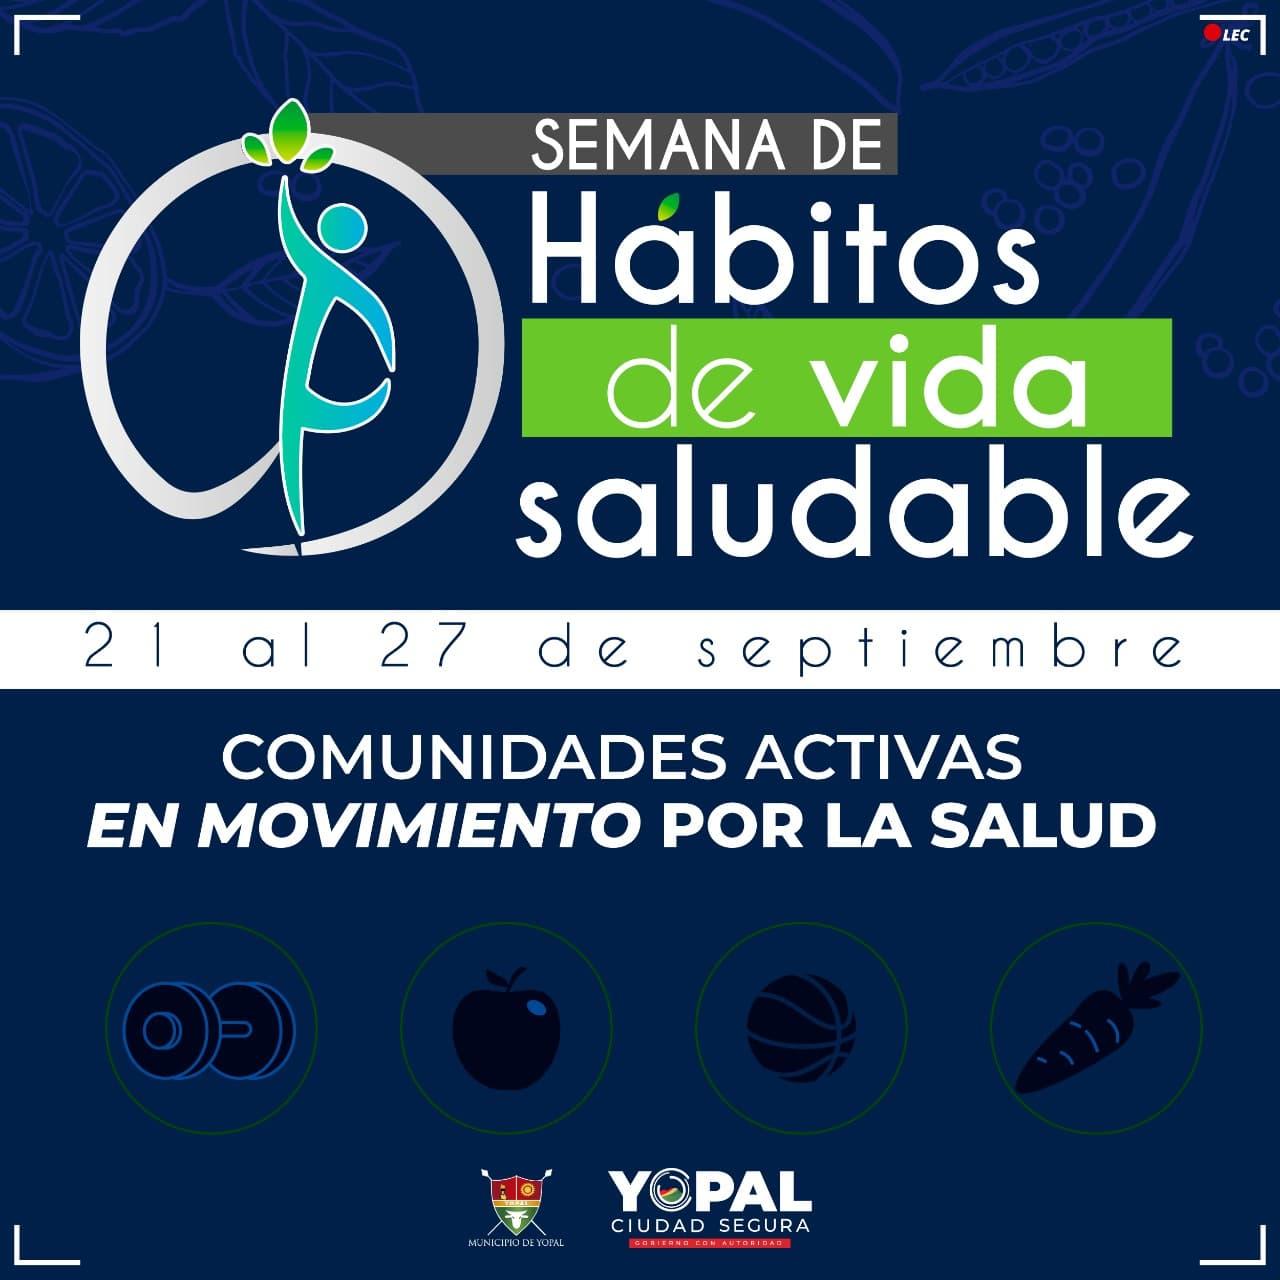 Photo of Conozca el cronograma de actividades que se llevarán a cabo en la semana de hábitos de vida Saludable, que inicia este 21 de septiembre